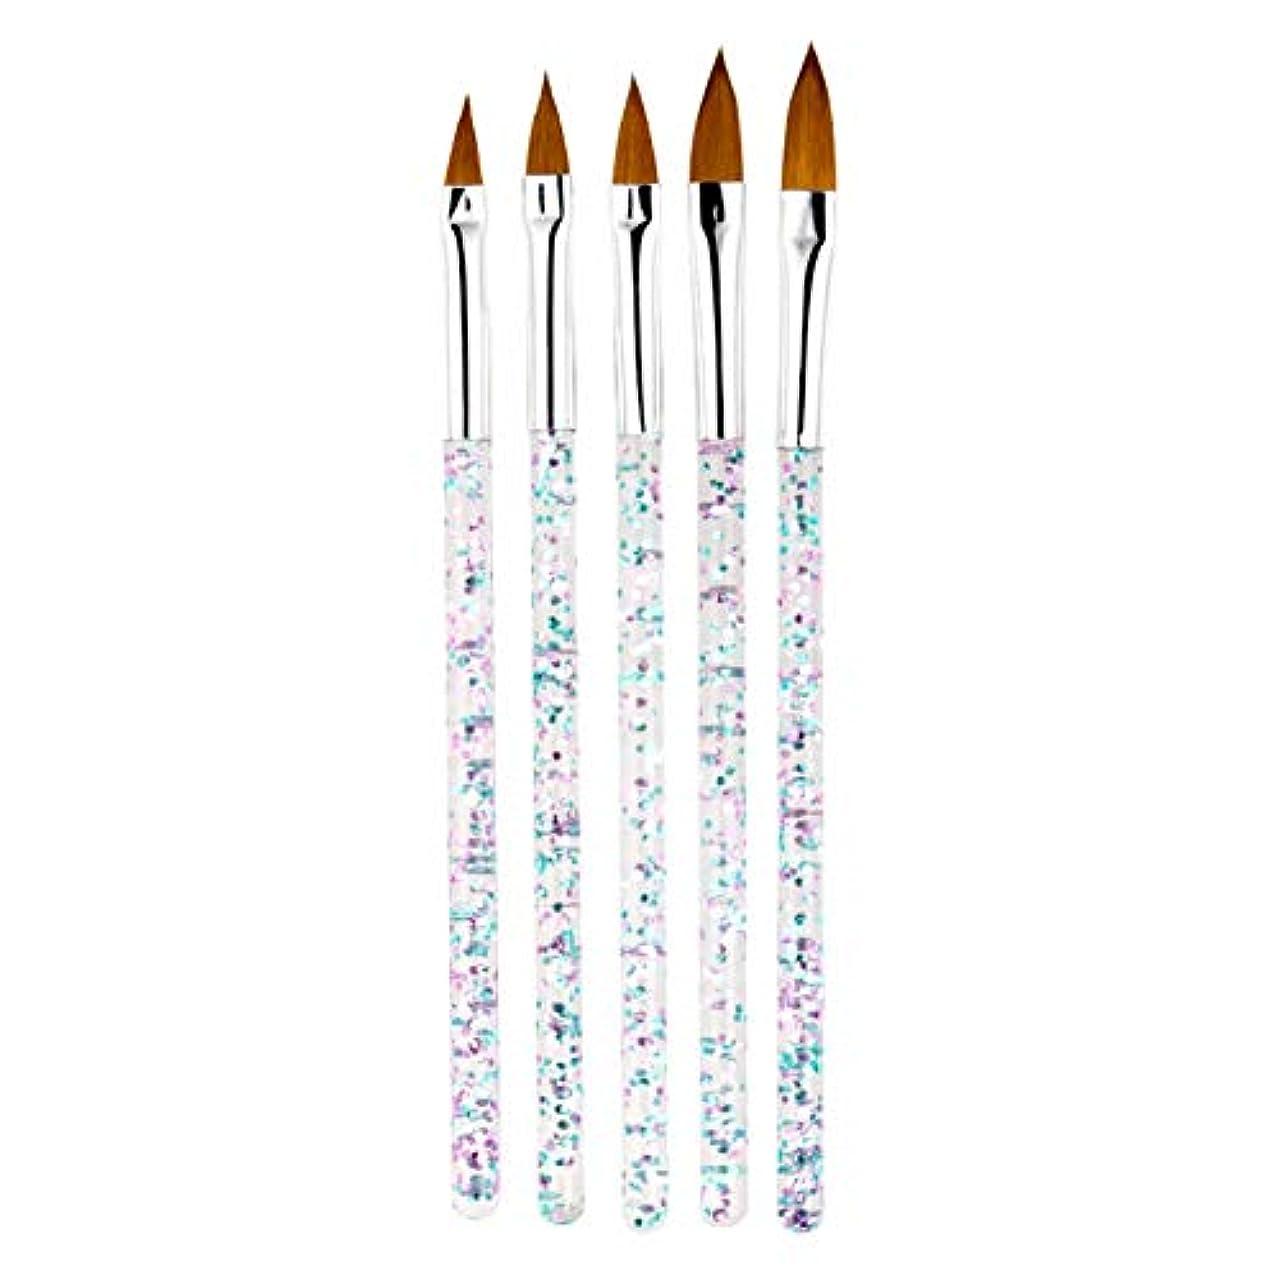 バスルームソケット料理MCCRUA ネイルブラシ 5本セット スカルプネイルブラシ 可愛い アクリルネイル UV ジェルネイル ネイルアート筆